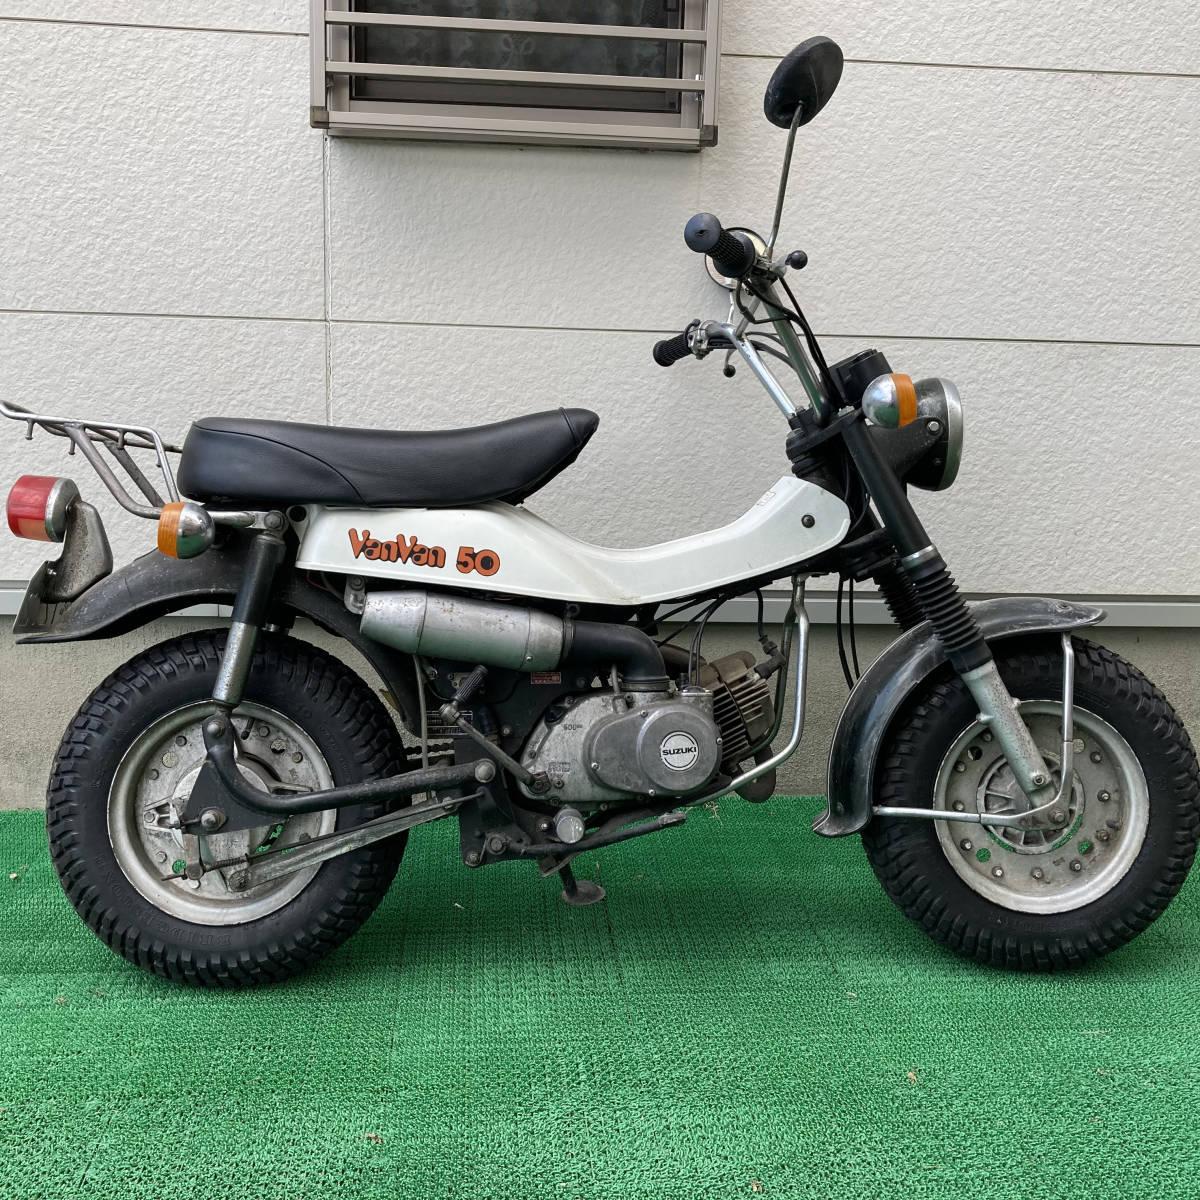 「引取限定 不動車 SUZUKI スズキ VanVan バンバン 50cc RV50-3 空冷 2スト 1970年代 自賠責付き クラッチ マニュアル 4速」の画像1